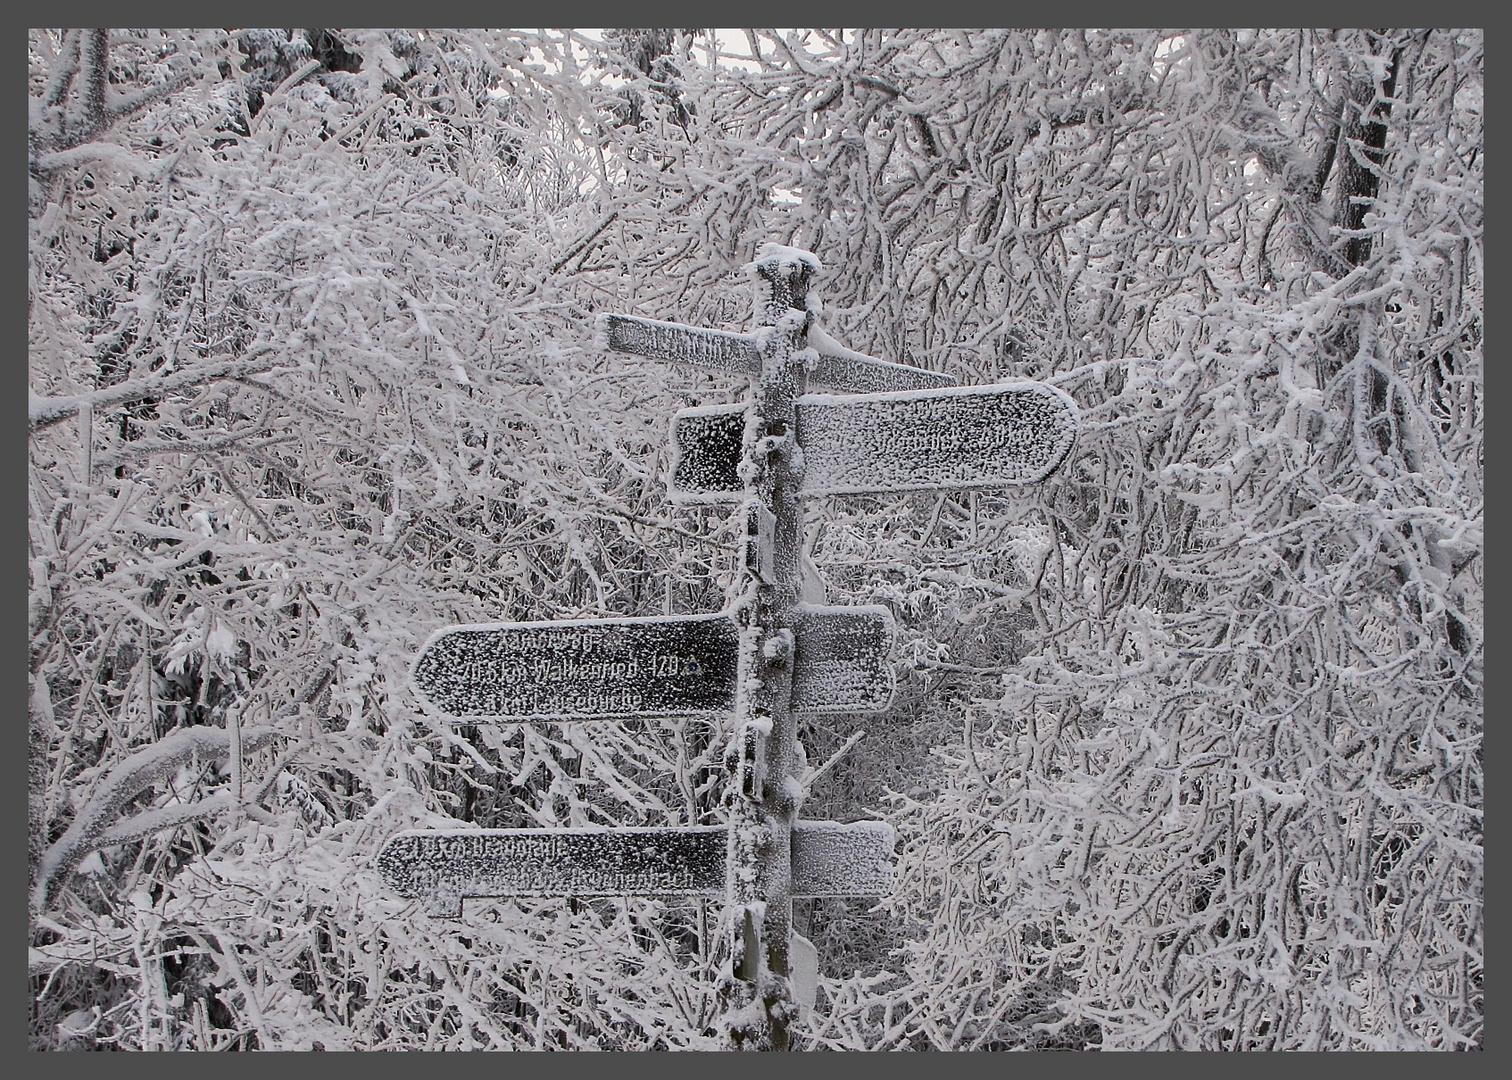 Frostige Wegweiser